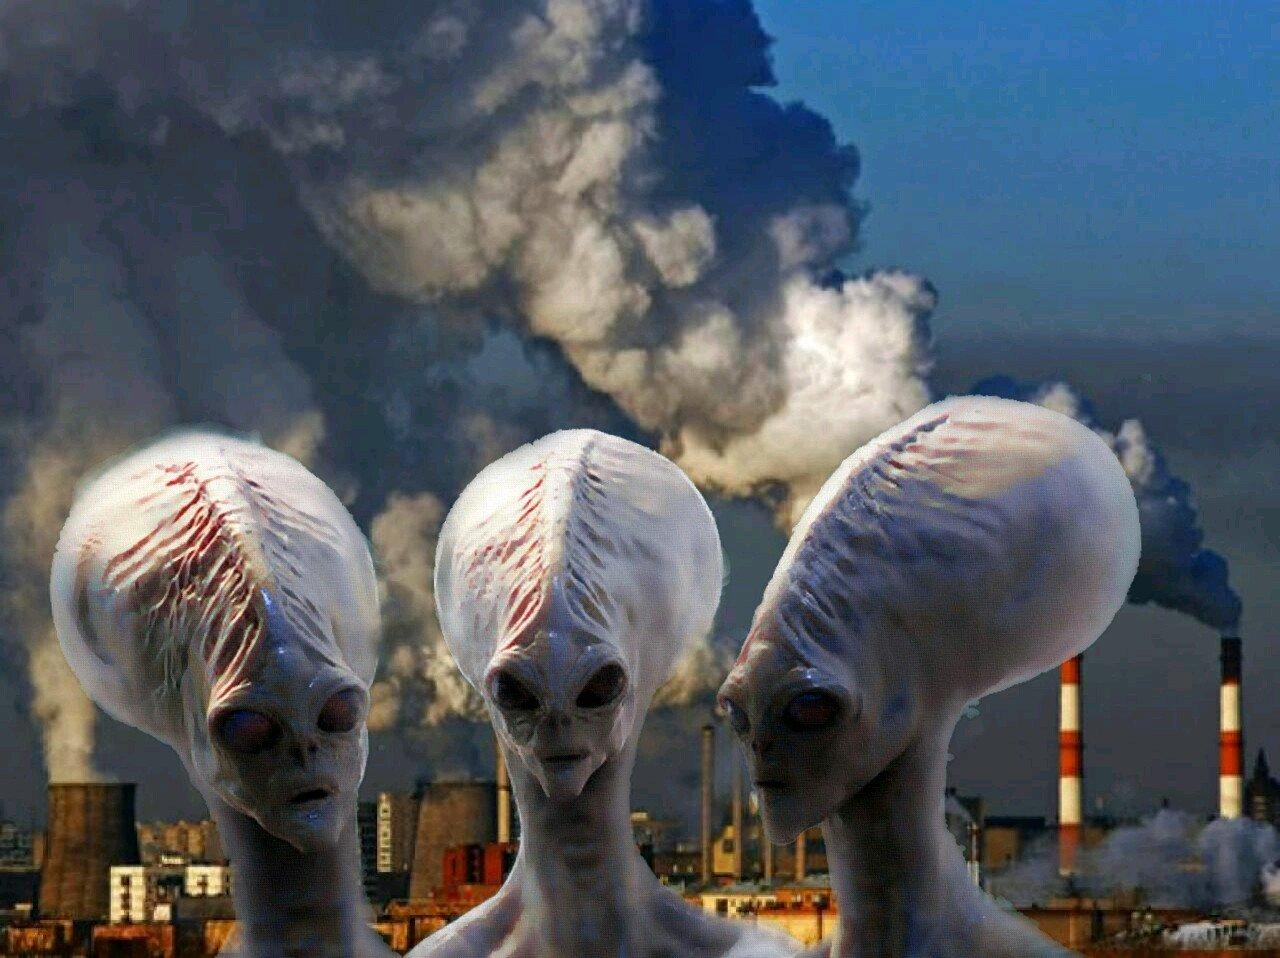 Пришельцы готовы загипнотизировать человечество